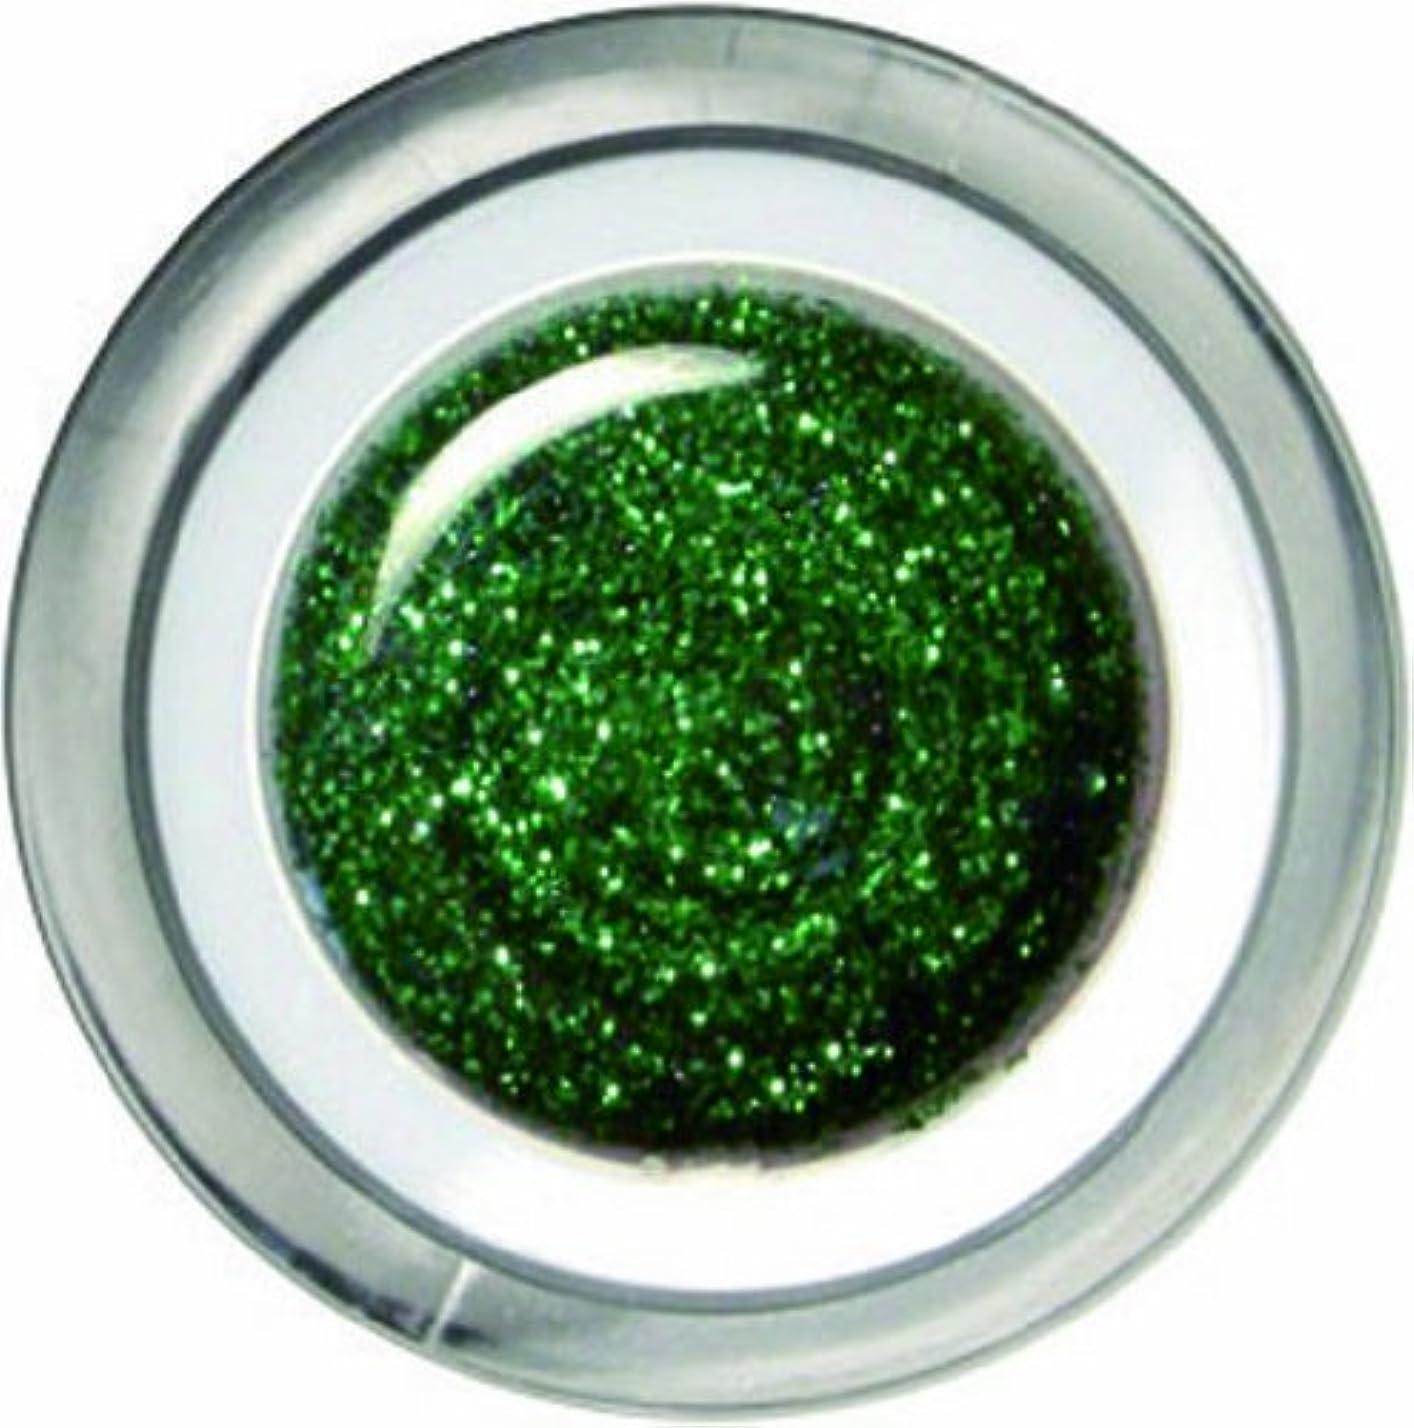 科学的二次ドラッグメロディコ メロディコジェル #25グリーンパールグリッター